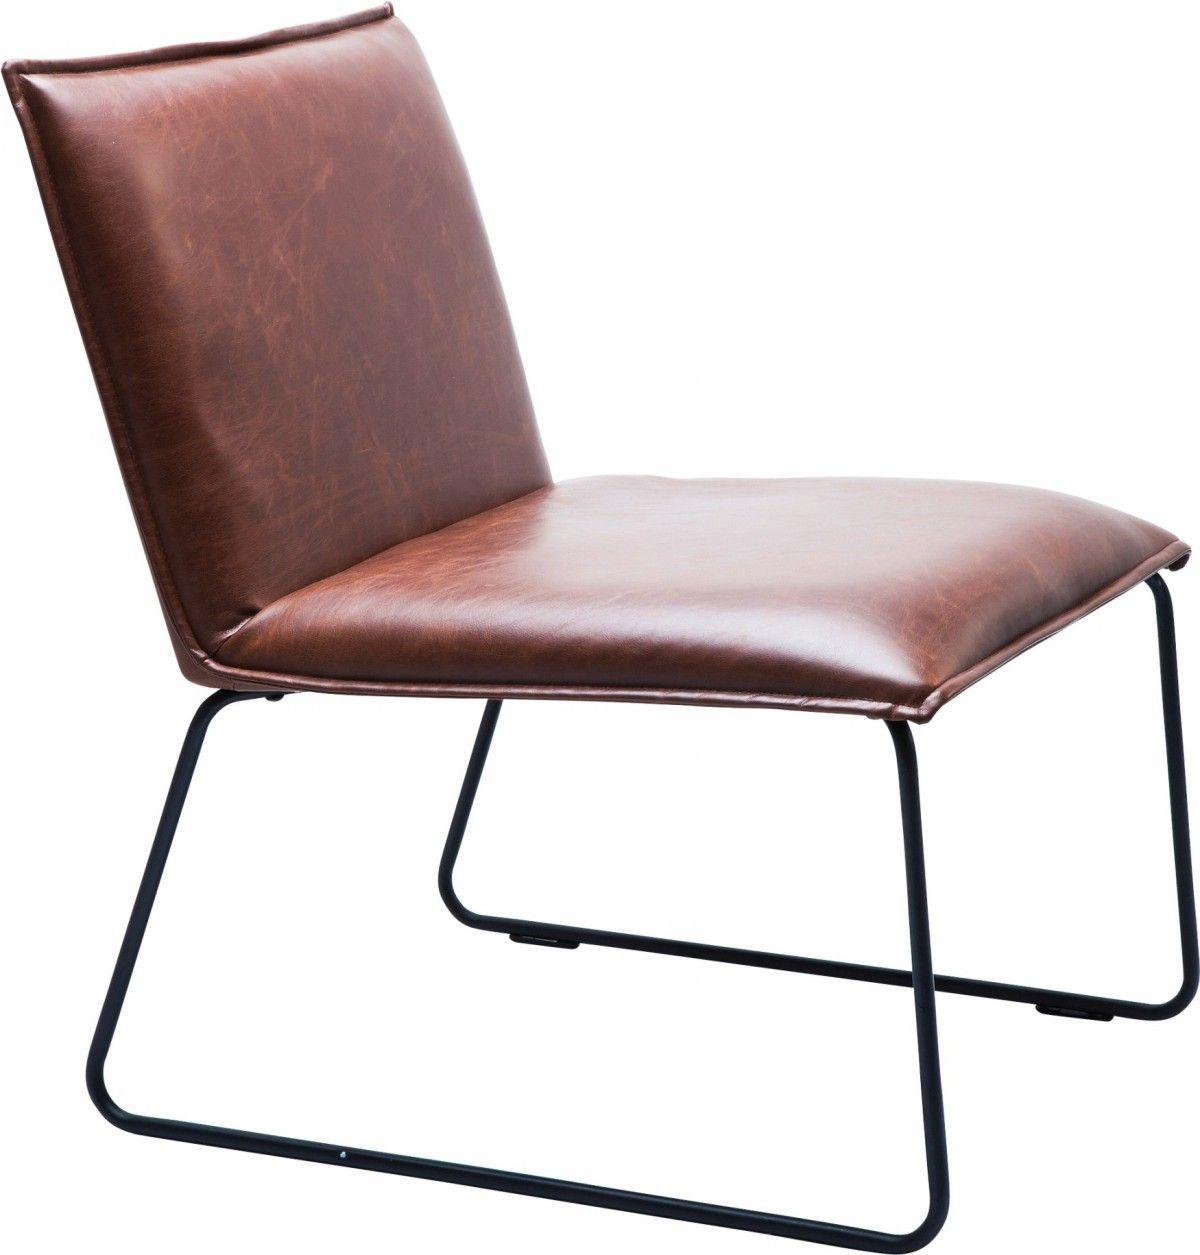 kare design sthle stuhl niels vintage brown hnliche tolle projekte und ideen wie im - Fantastisch Tolles Dekoration Charles Eames Schaukelstuhl